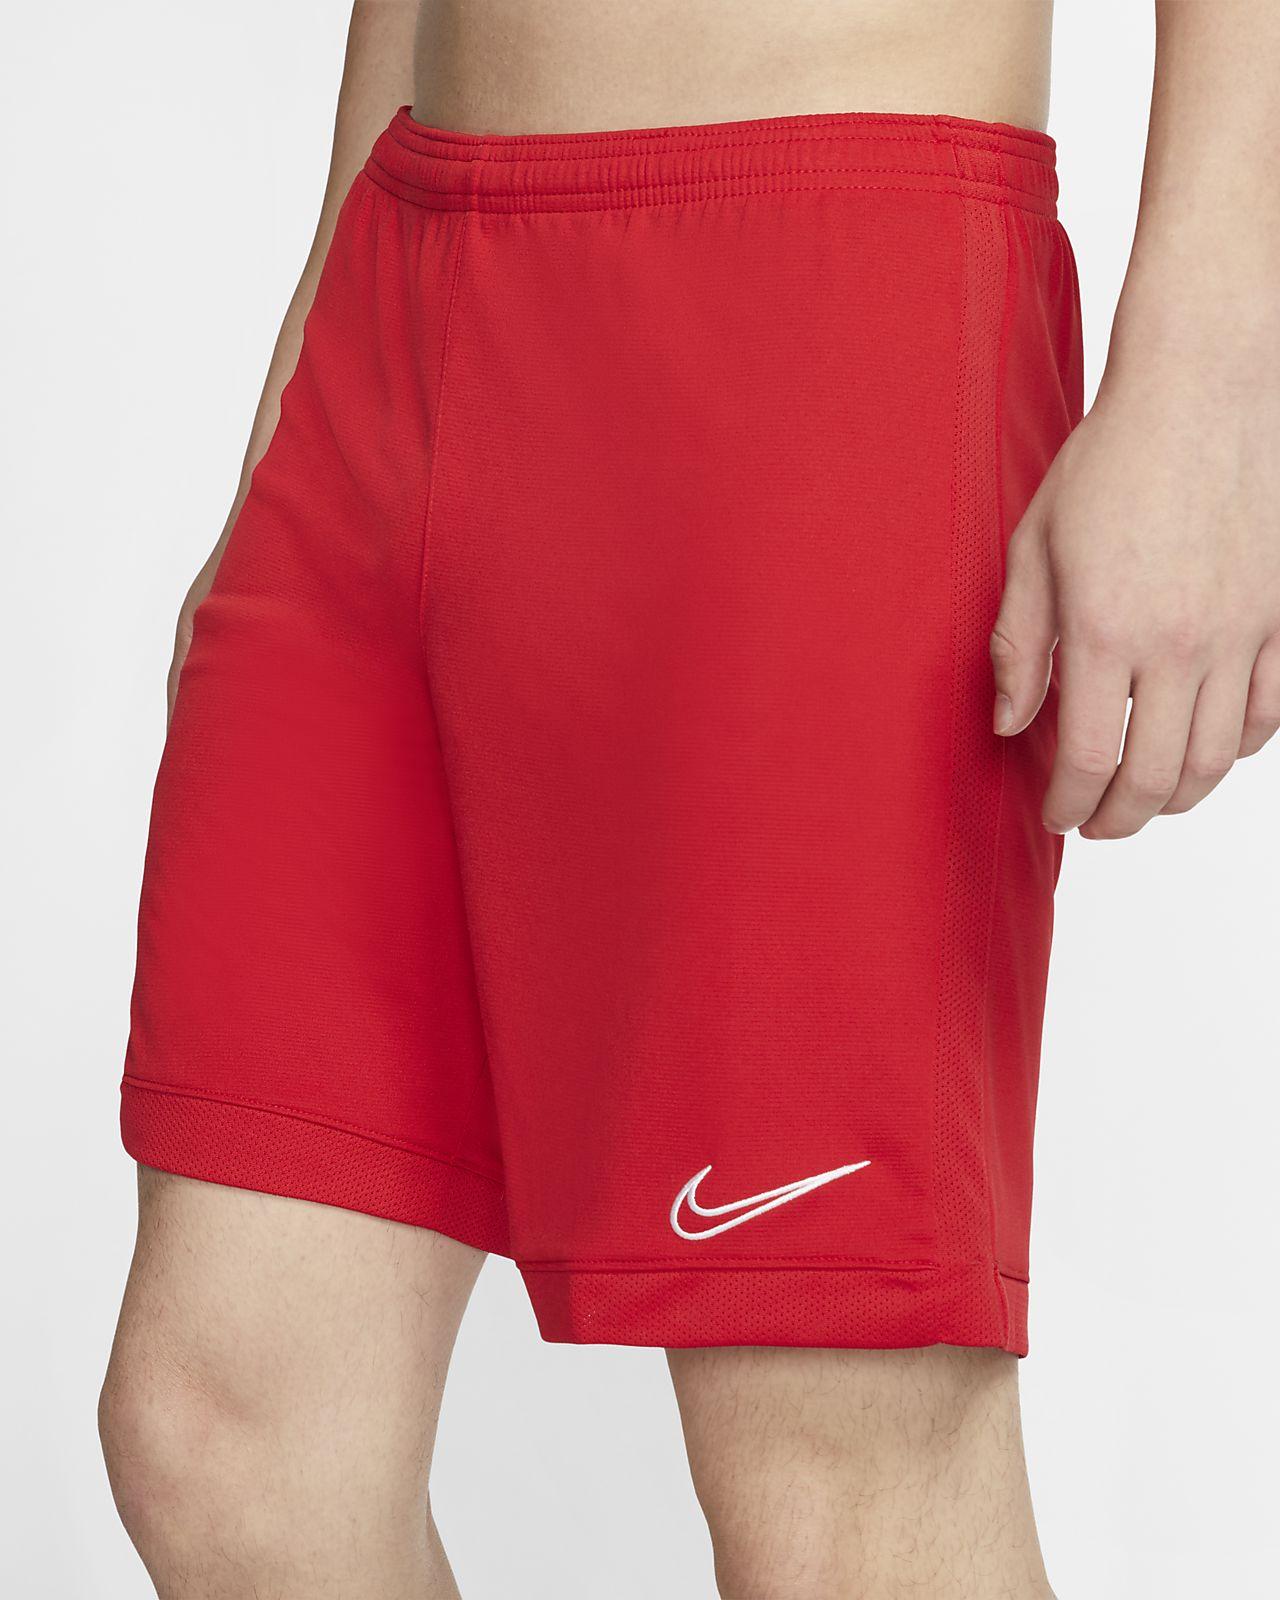 Pánské fotbalové kraťasy Nike Dri-FIT Academy